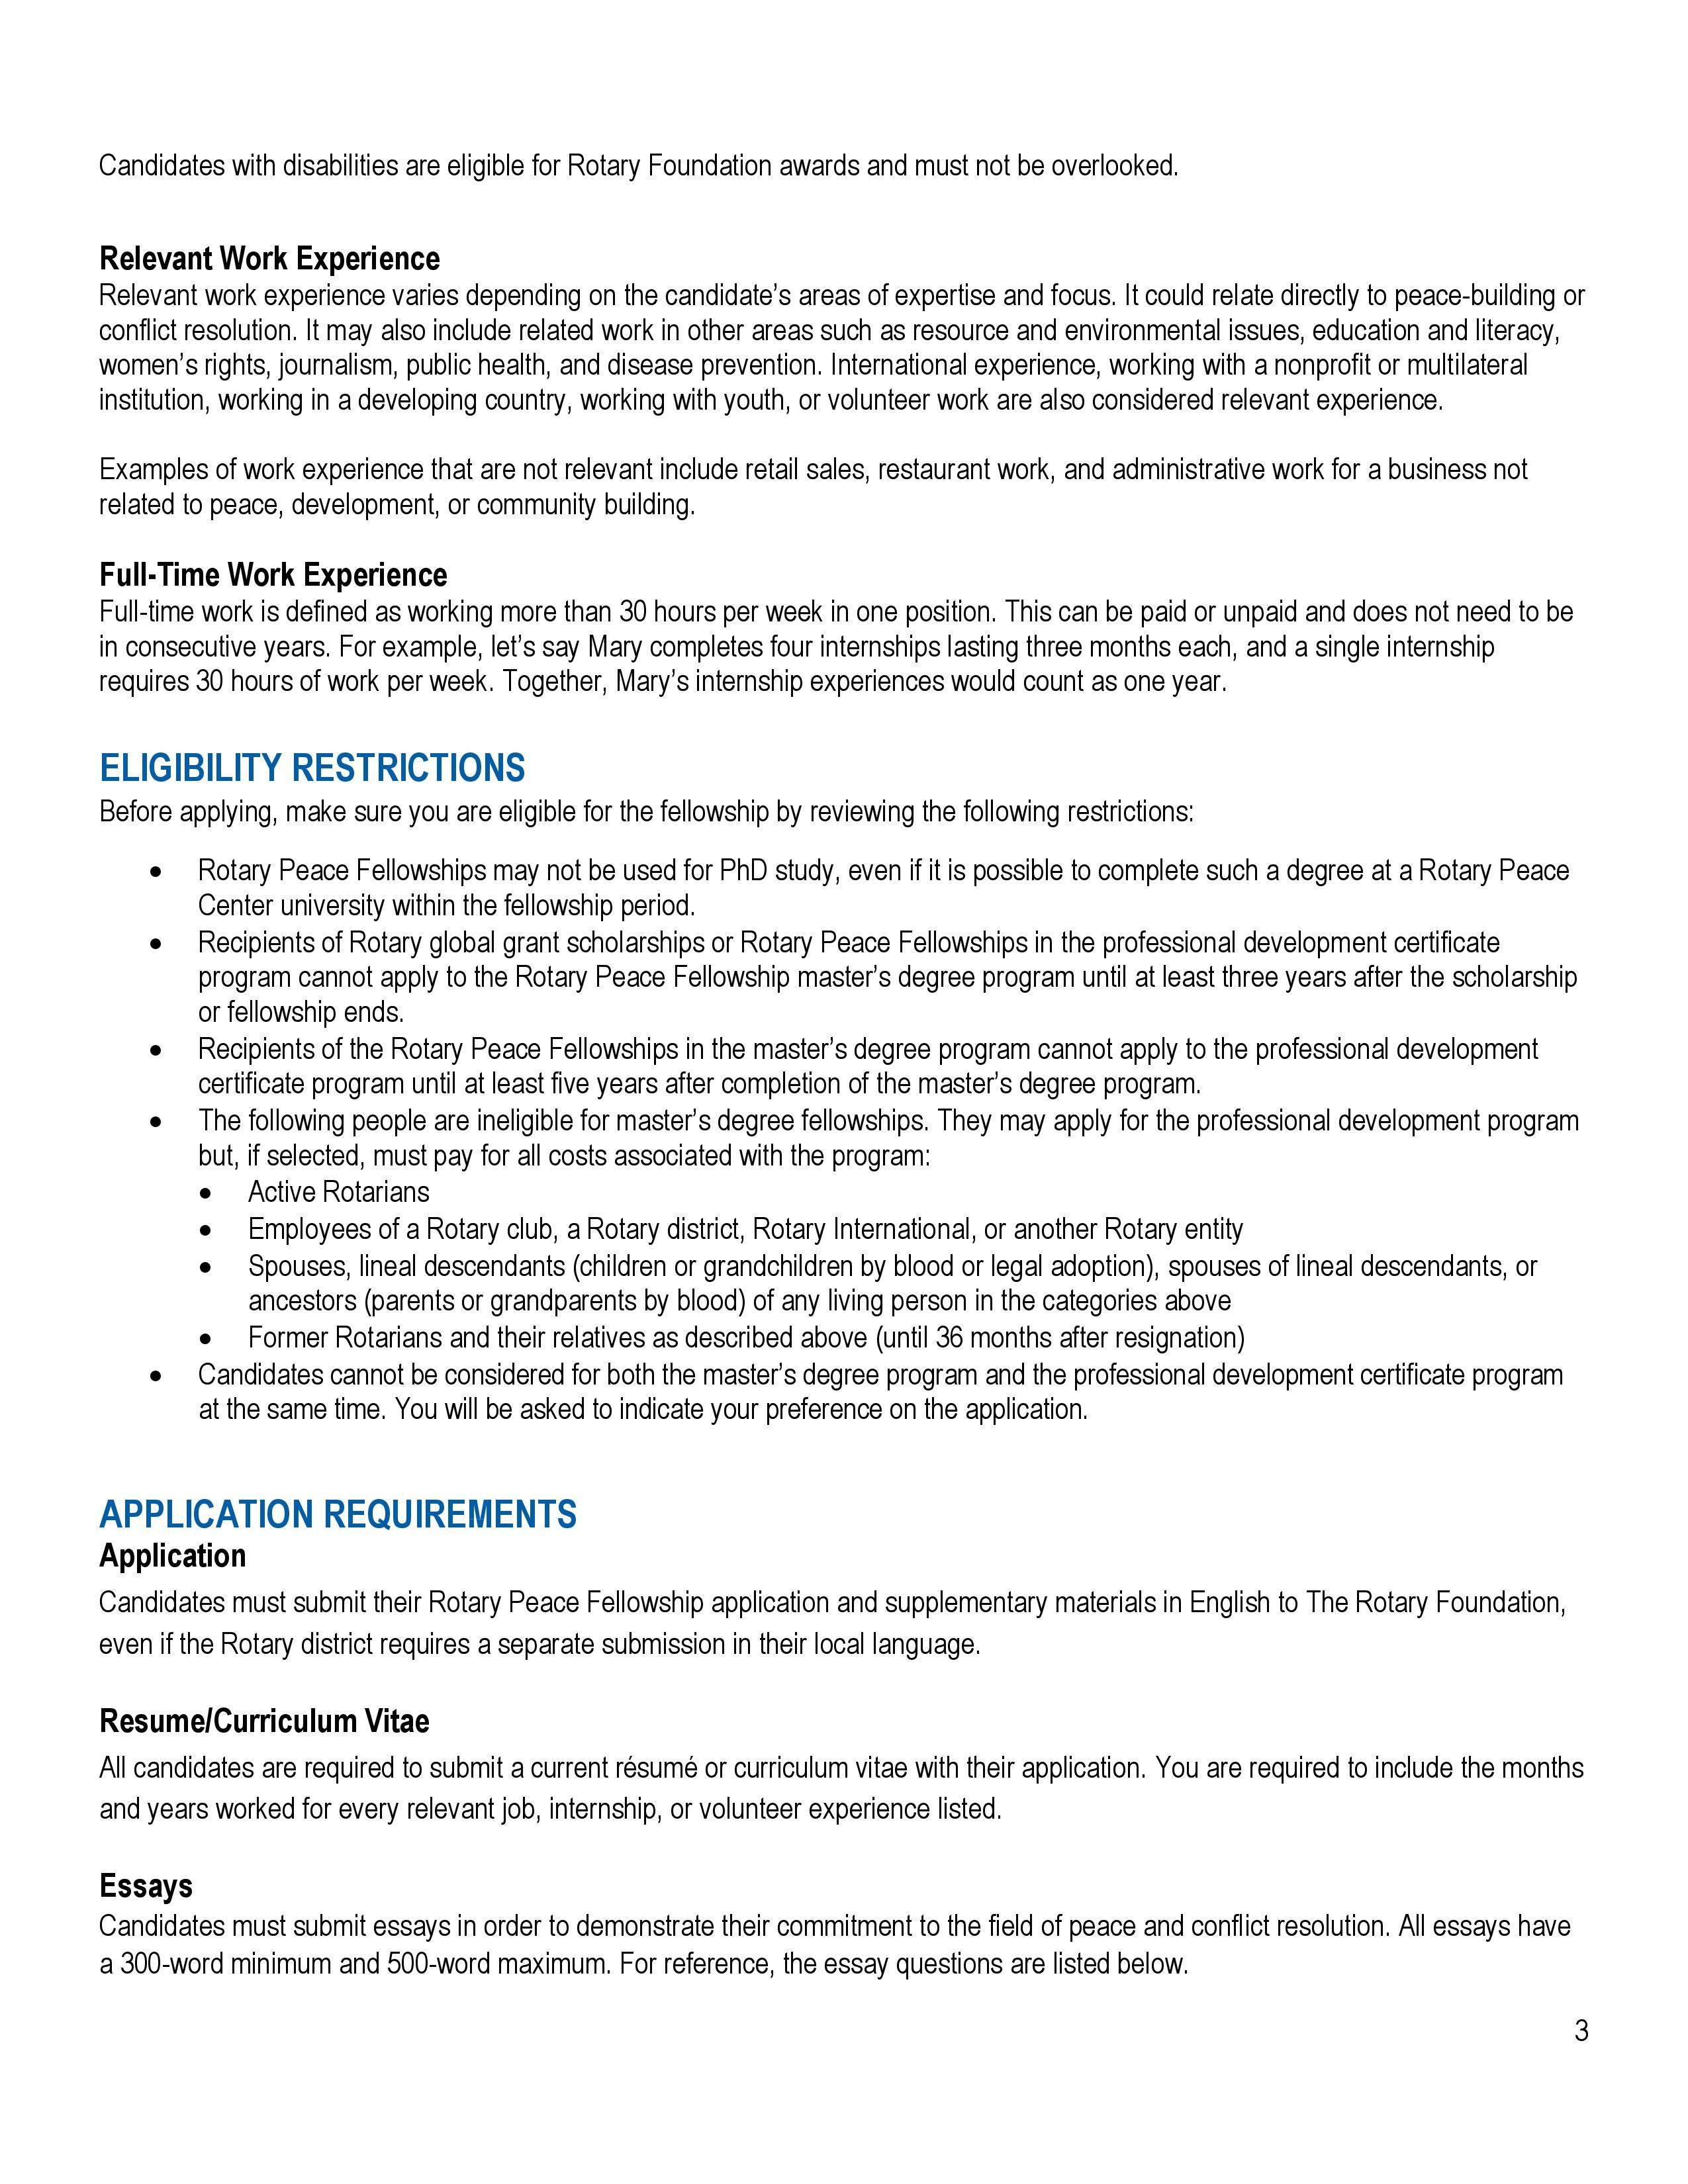 3-requisitos para aplicar a las becas propaz en ingles-3